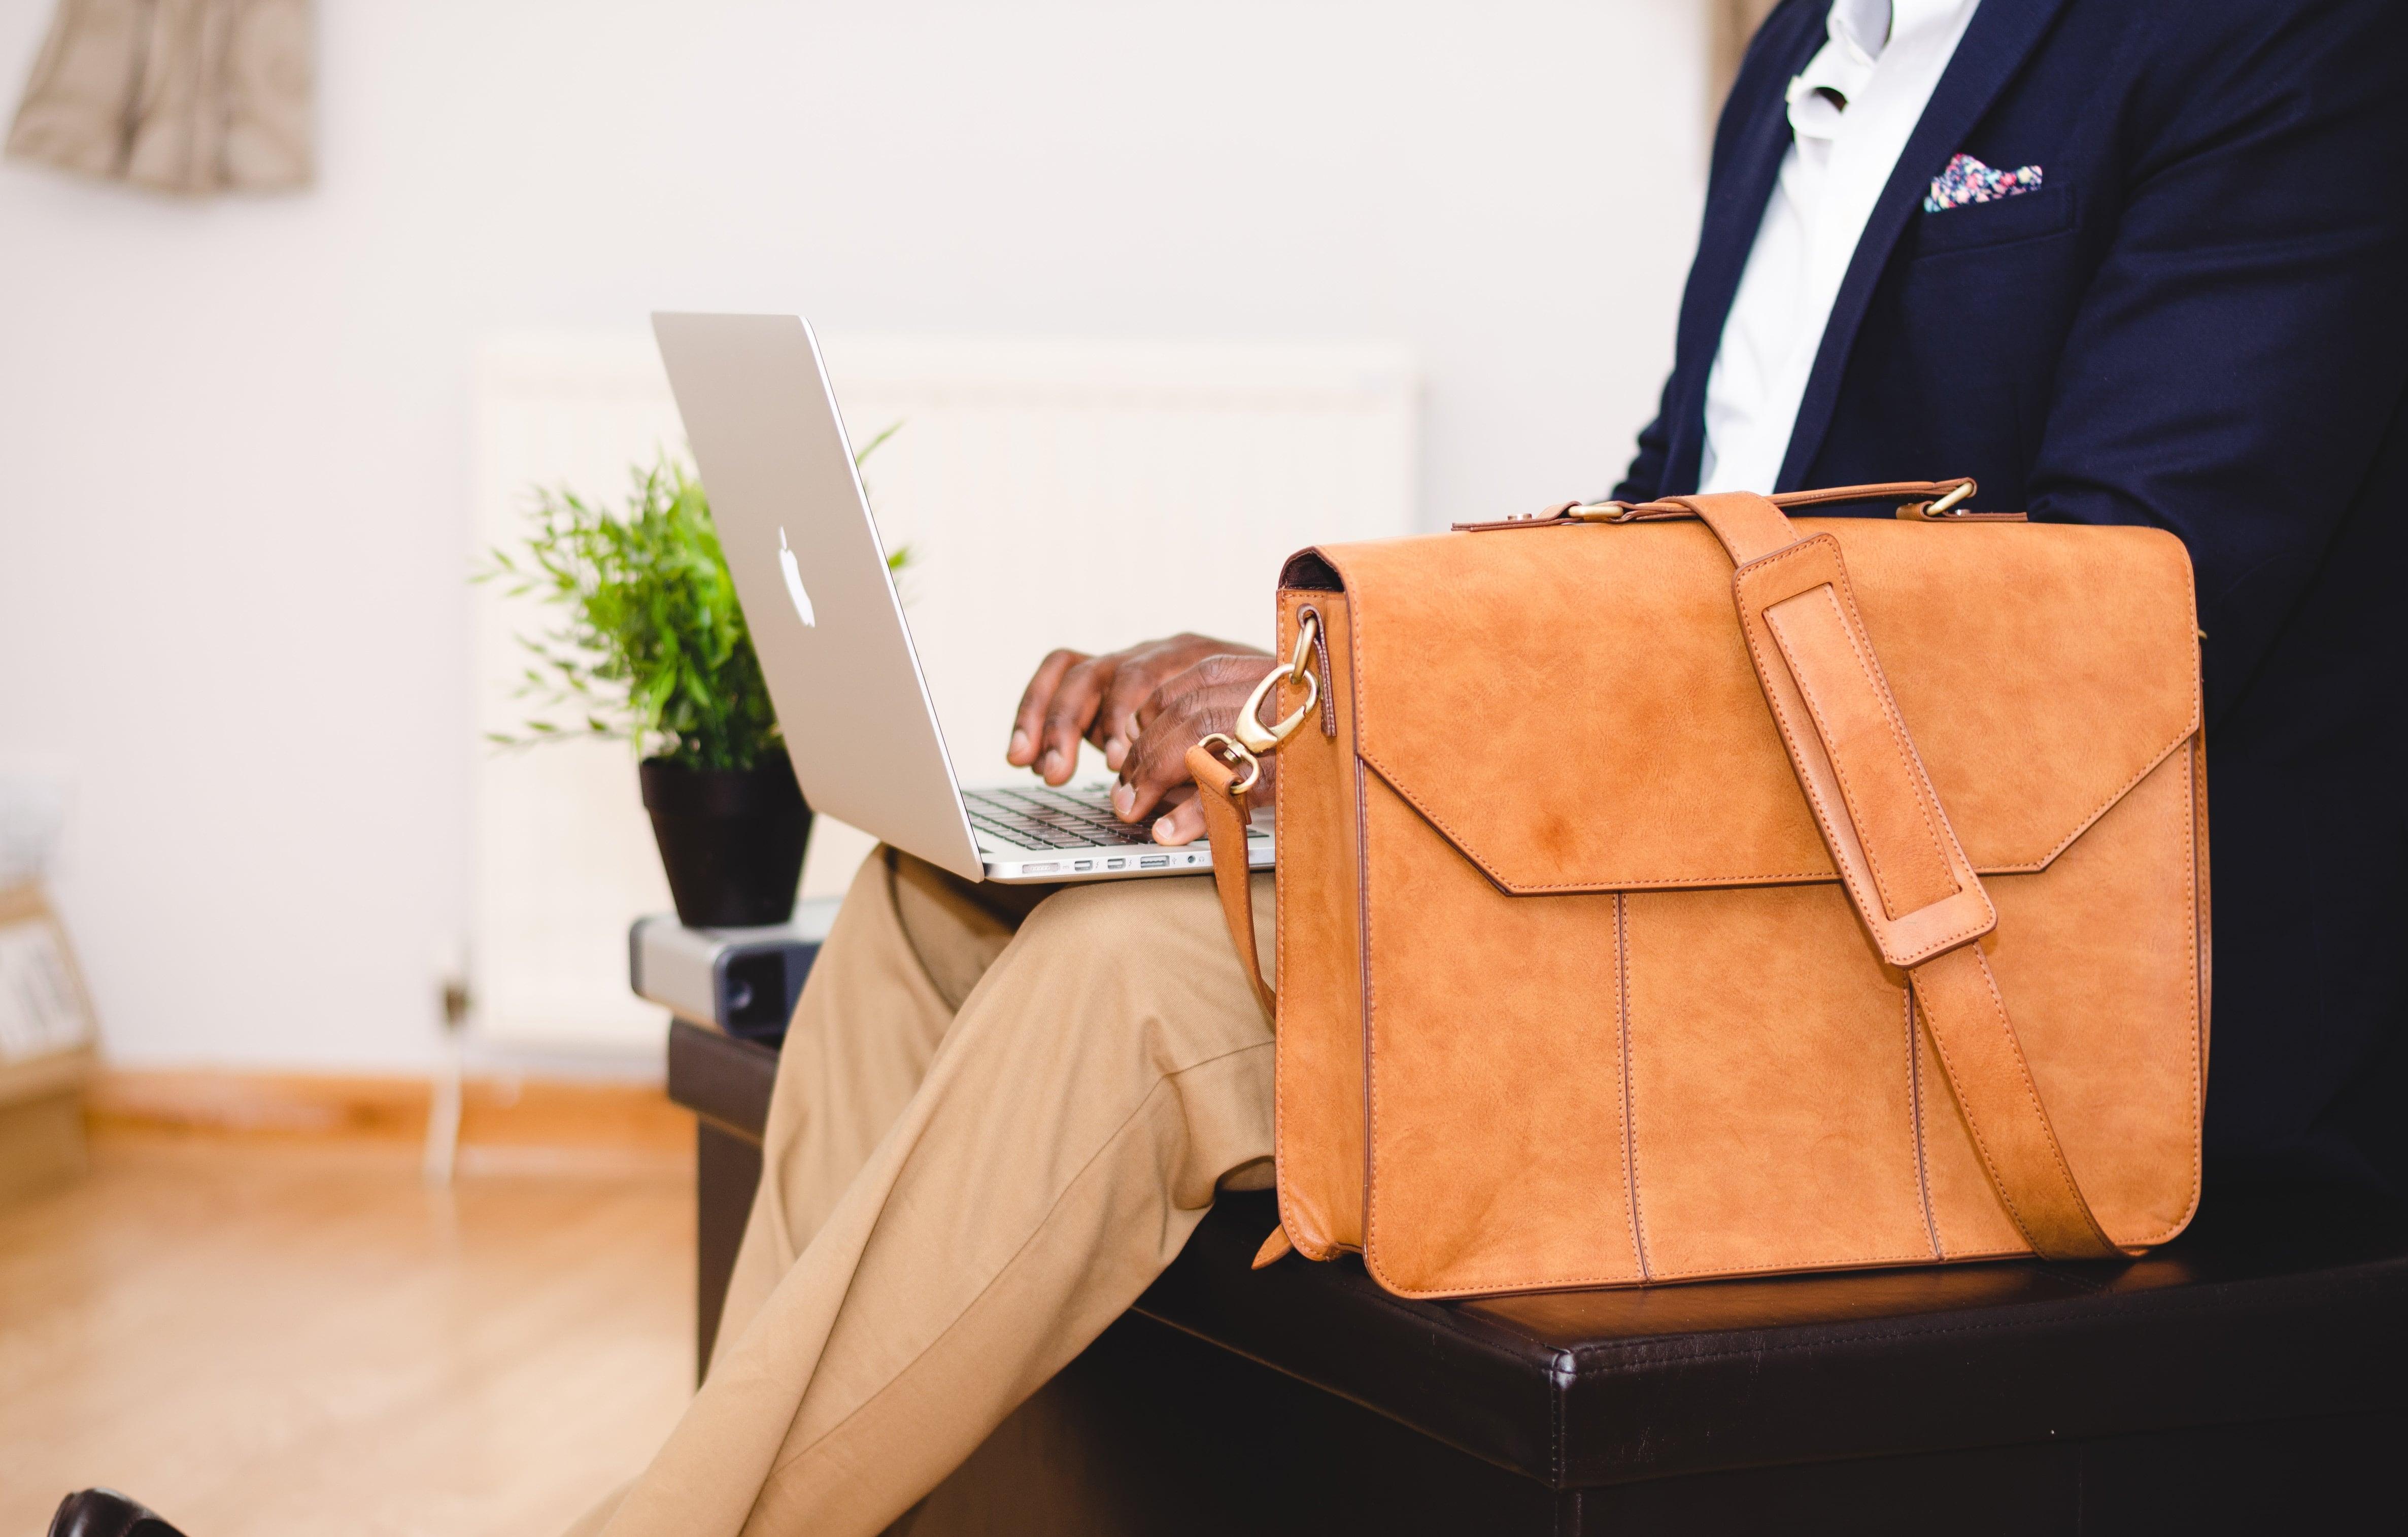 Mann tippt auf Laptop auf dem Schoß und die Tasche steht daneben